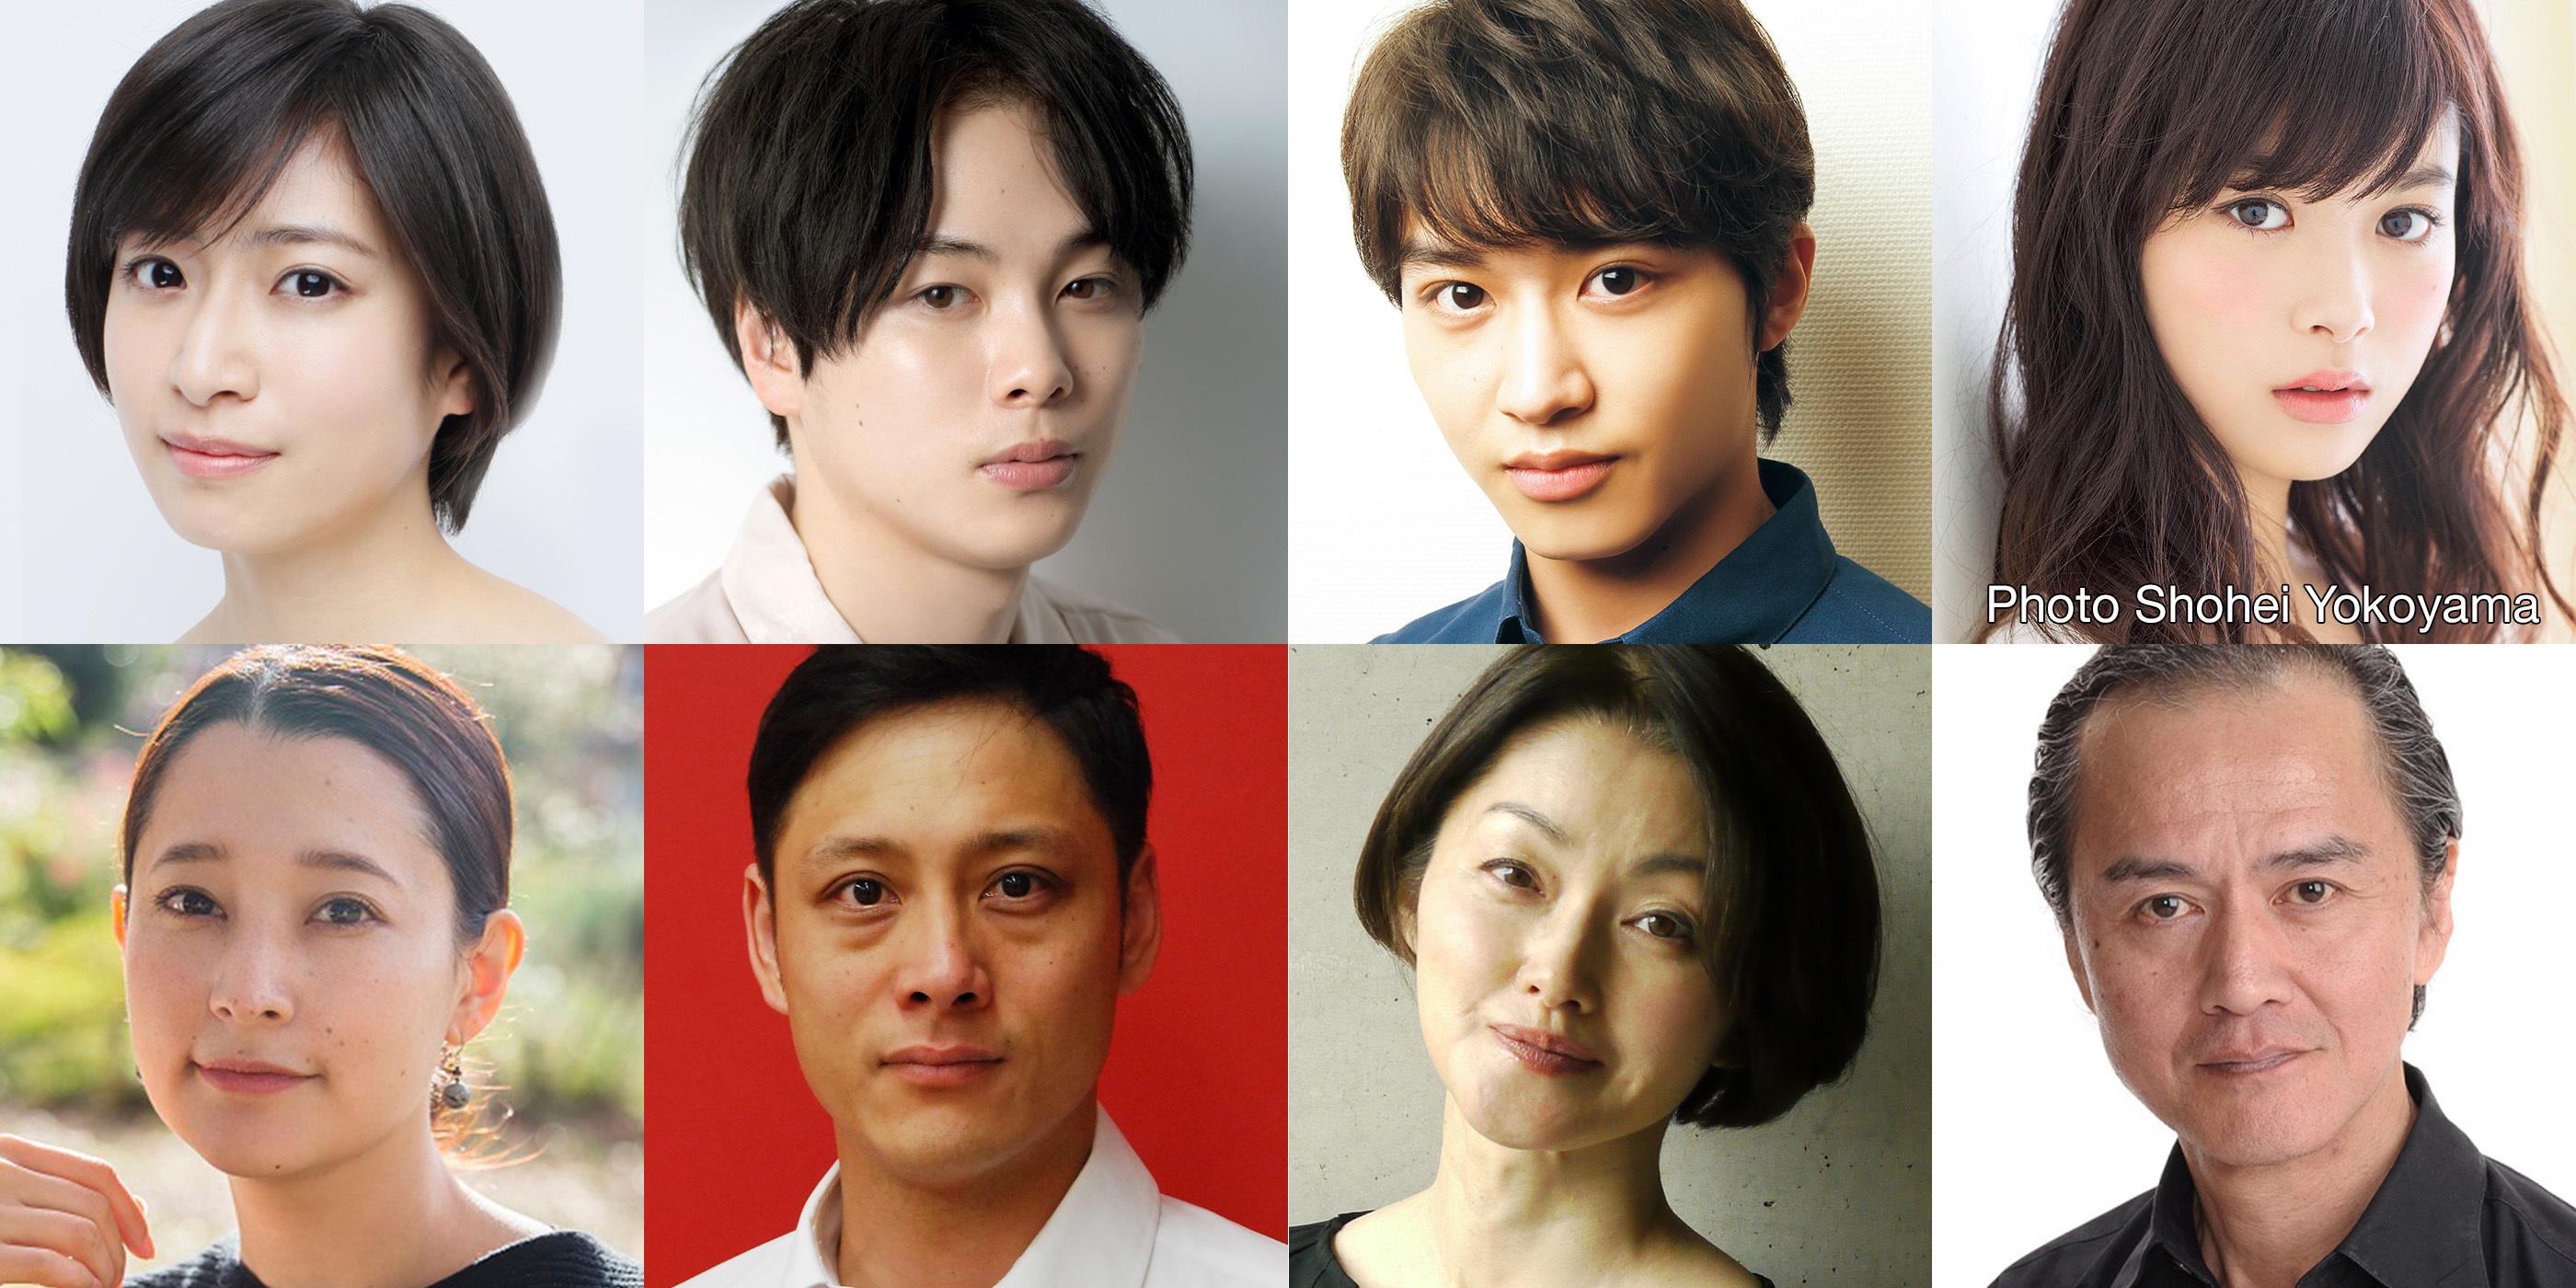 (上段左から)南沢奈央、柾木玲弥、松岡広大、馬場ふみか (下段左から)デシルバ安奈、斉藤悠、内田淳子、真那胡敬二